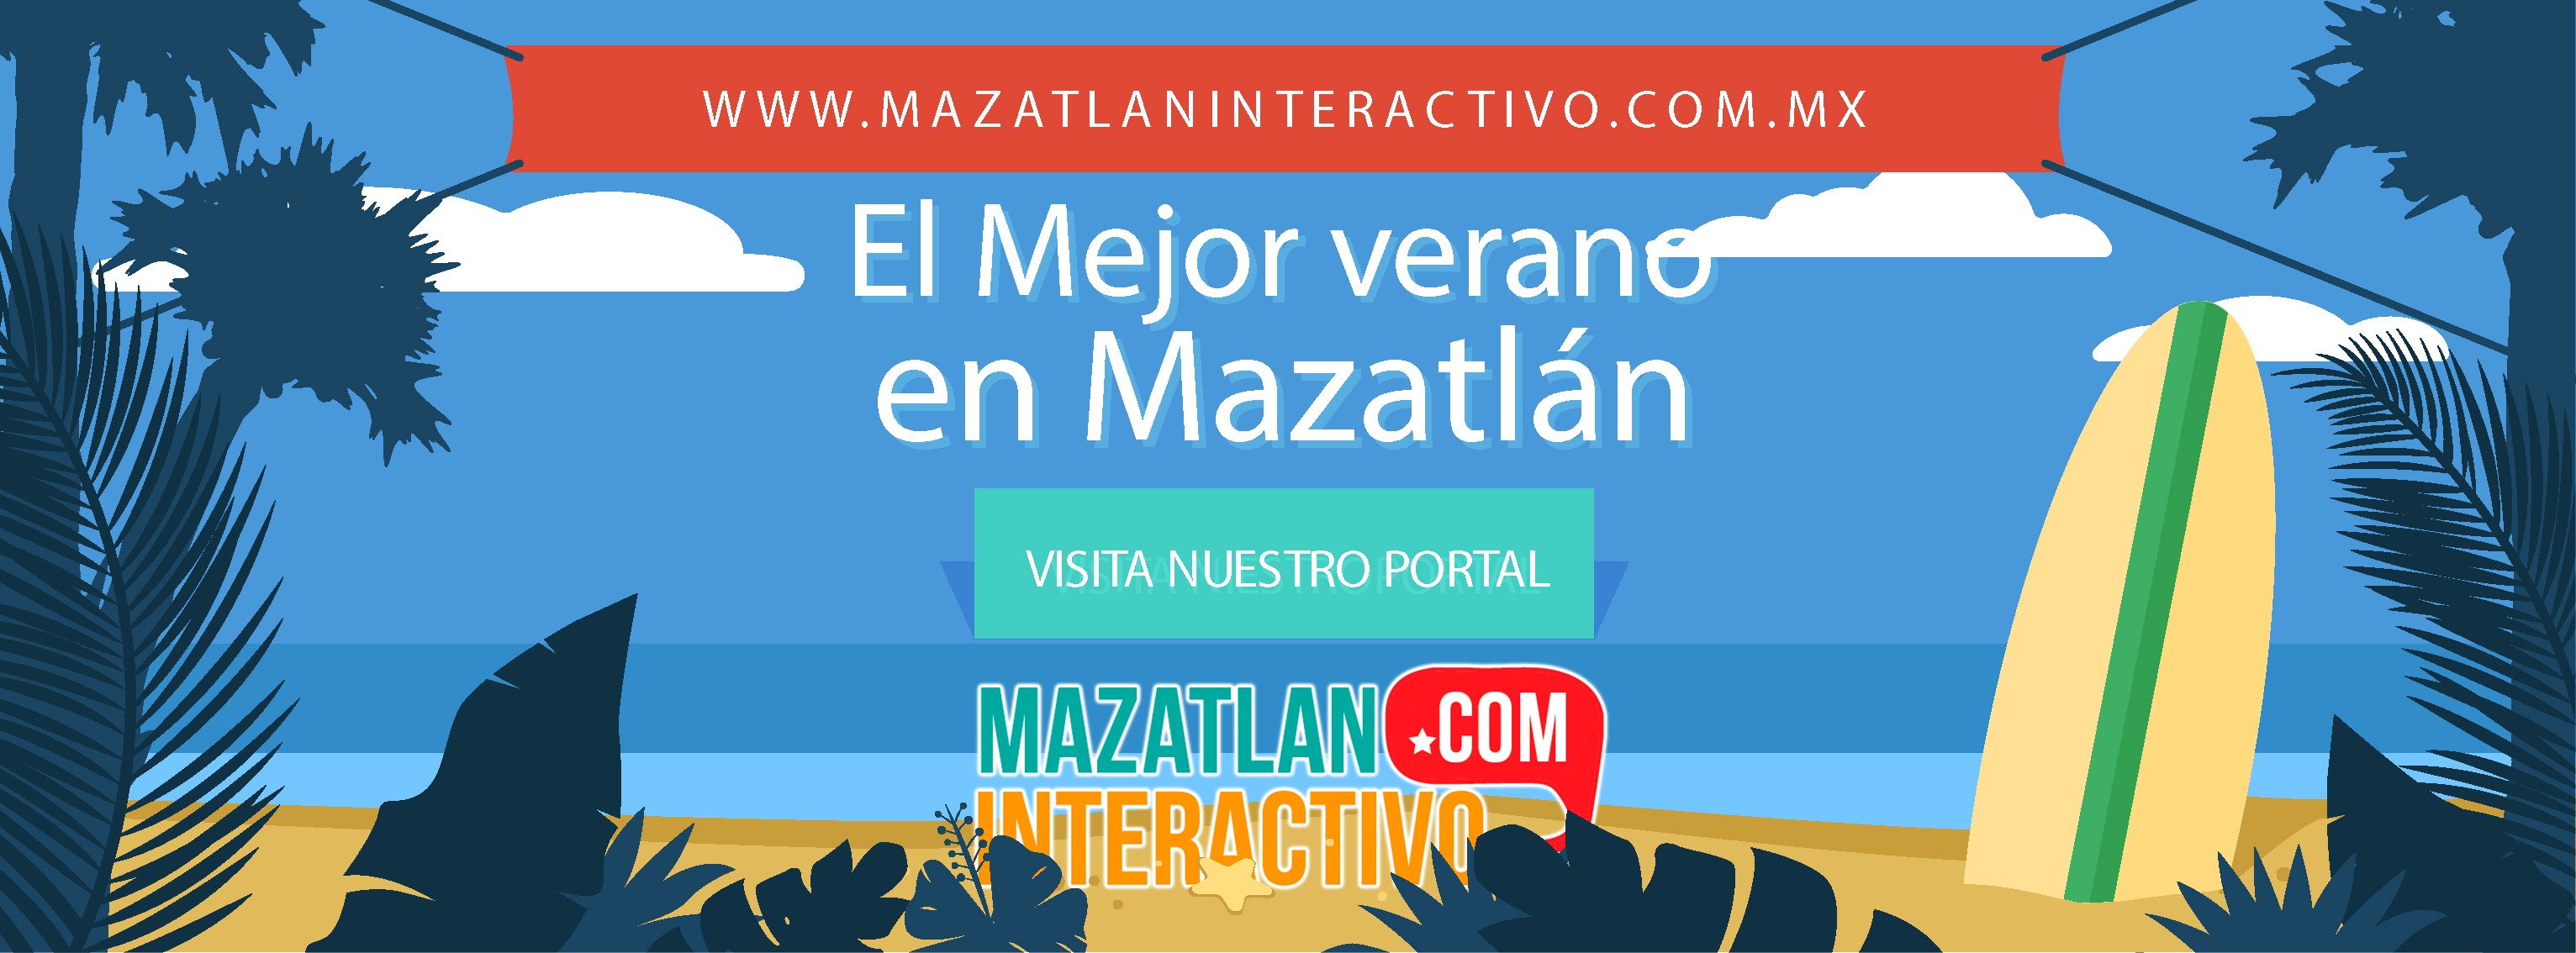 Campaña de Verano Mazatlán 2019